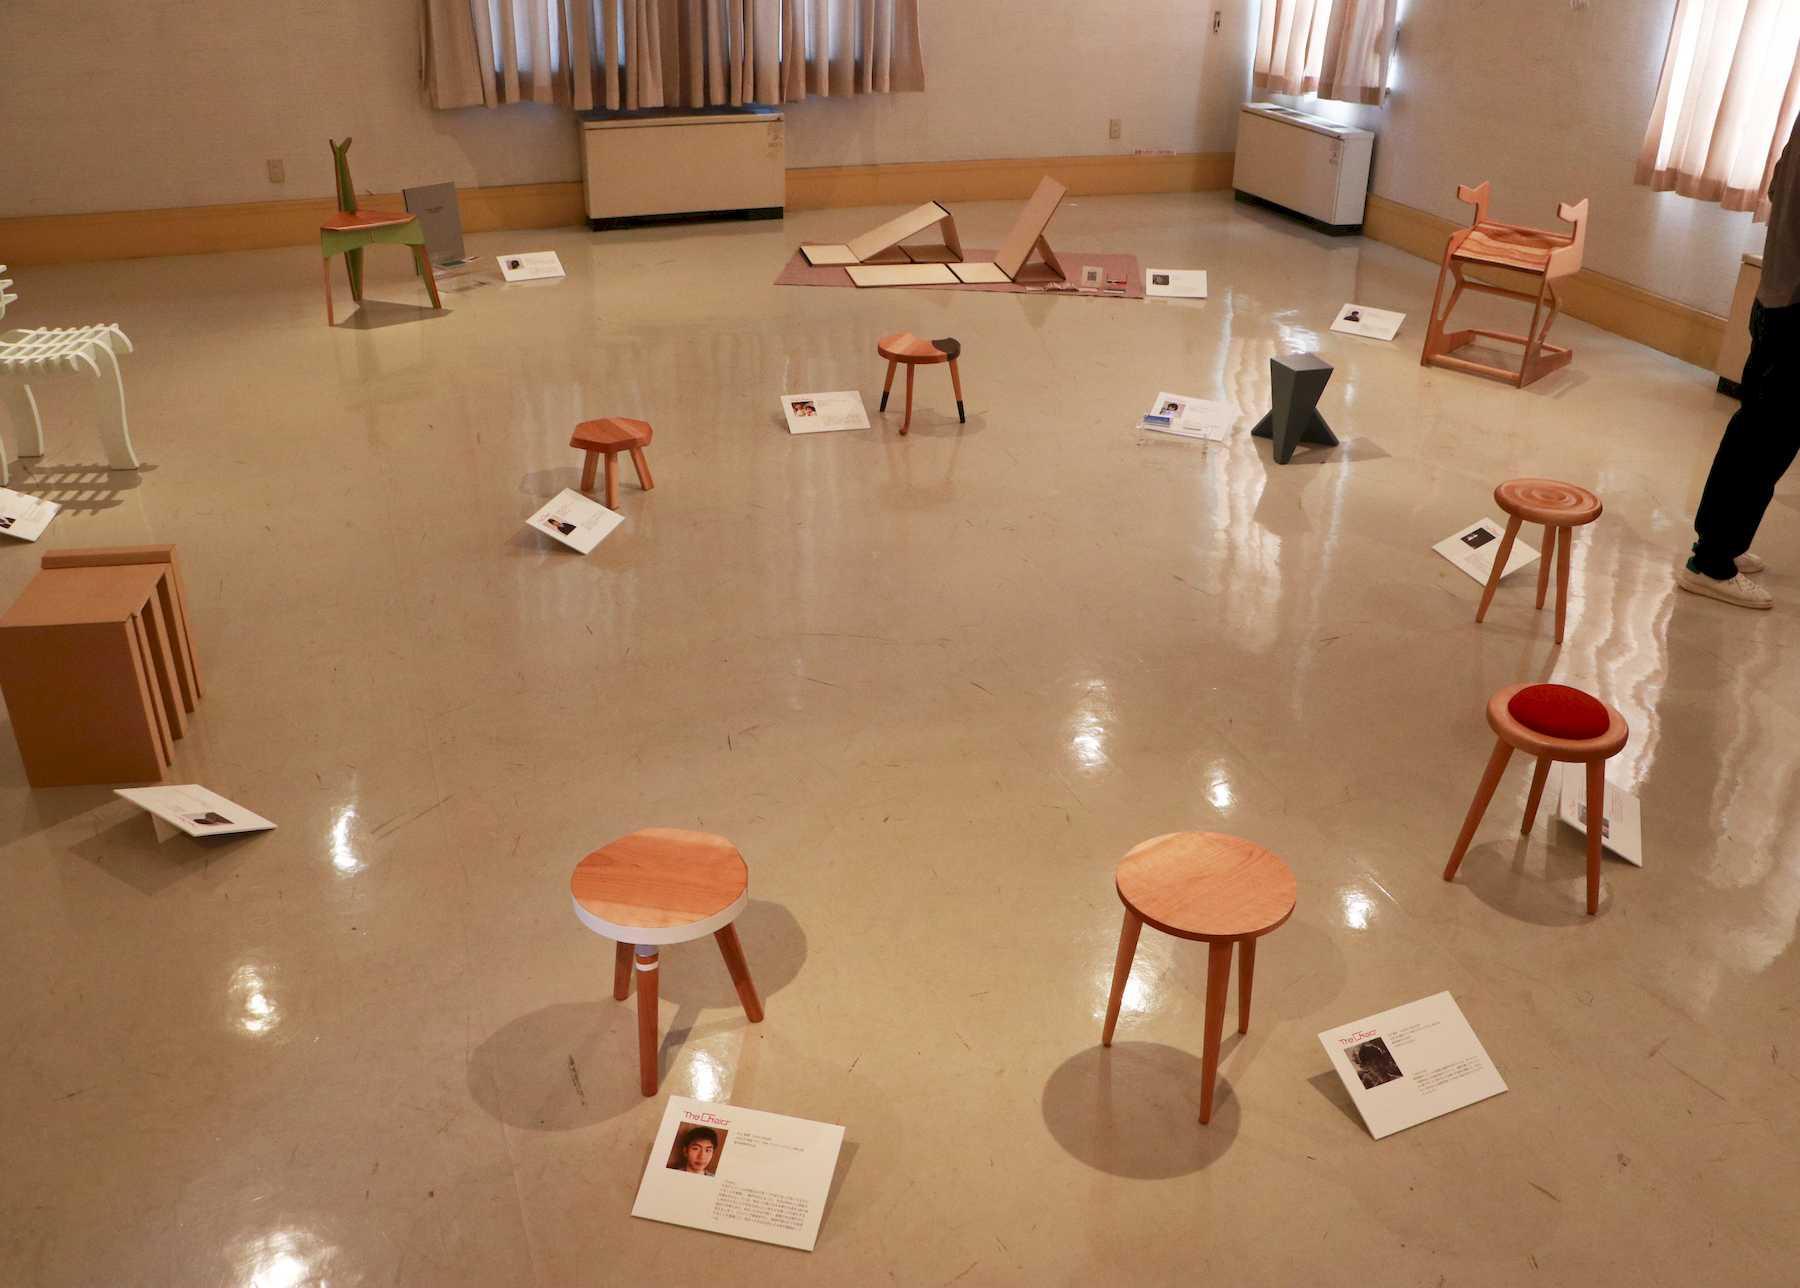 展示会の様子:円陣を組む小型の背もたれ無し椅子7脚が本学学生作品です